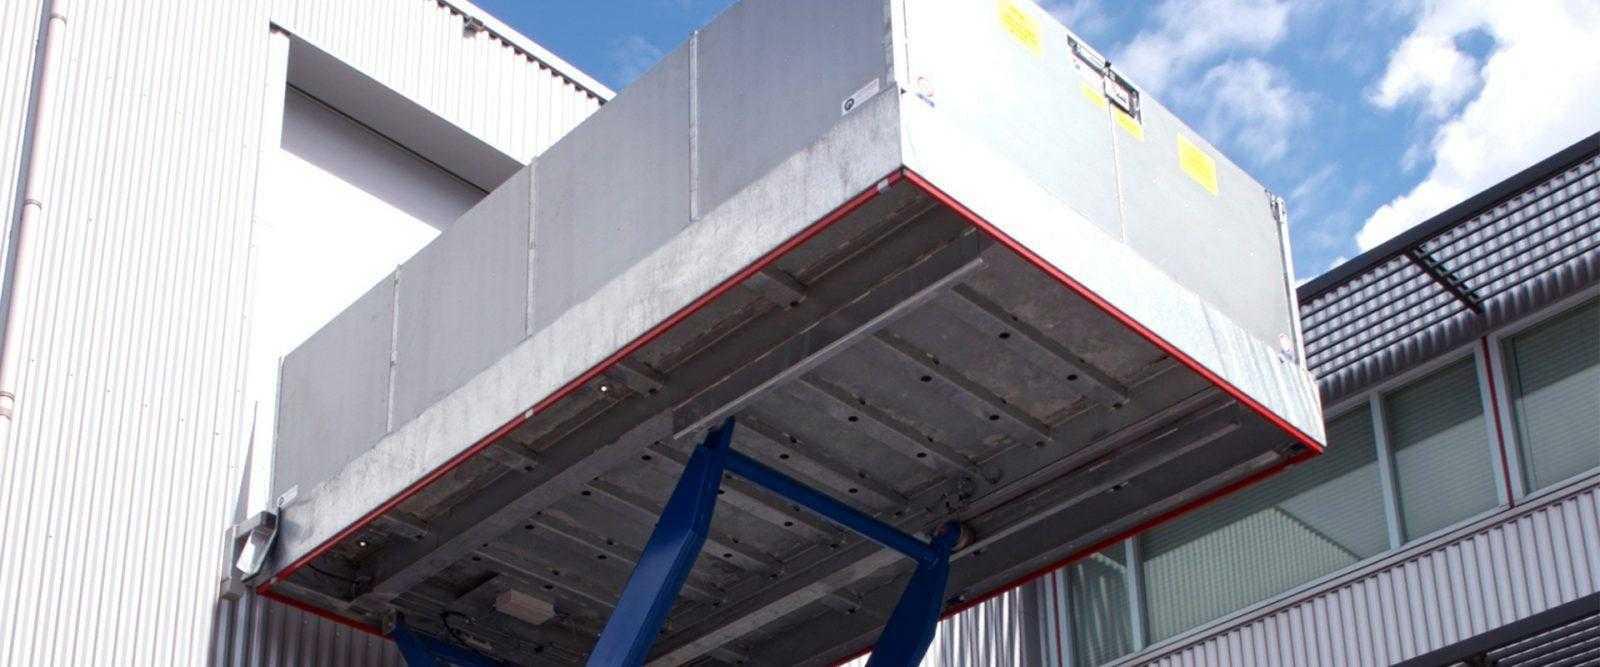 Liftforce B.V. allround leverancier in liften en lifttechniek